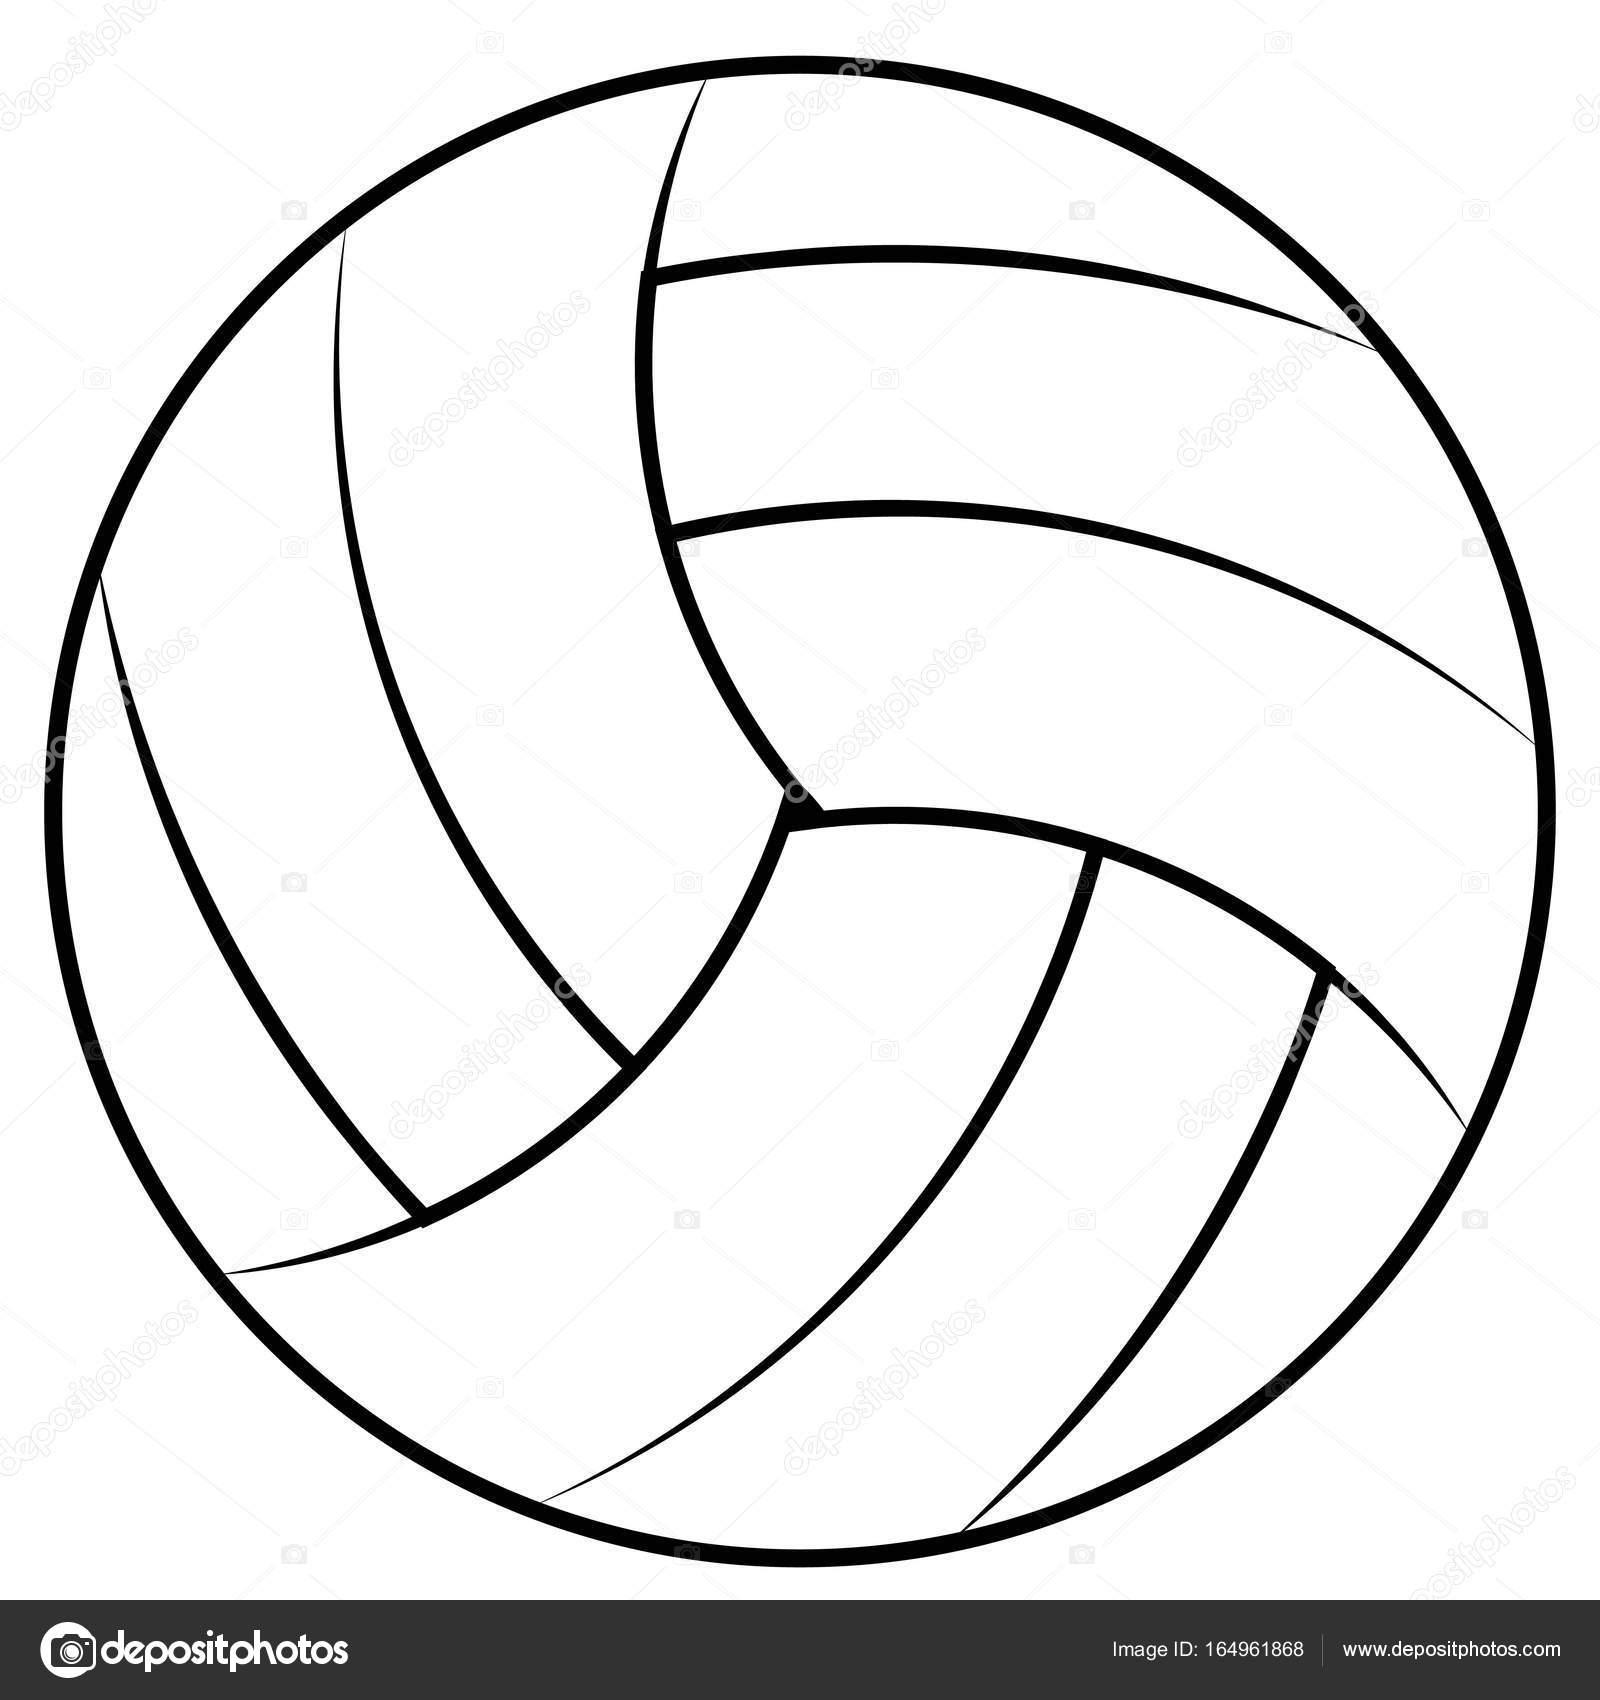 Volleyball Ball Drawing At Getdrawings